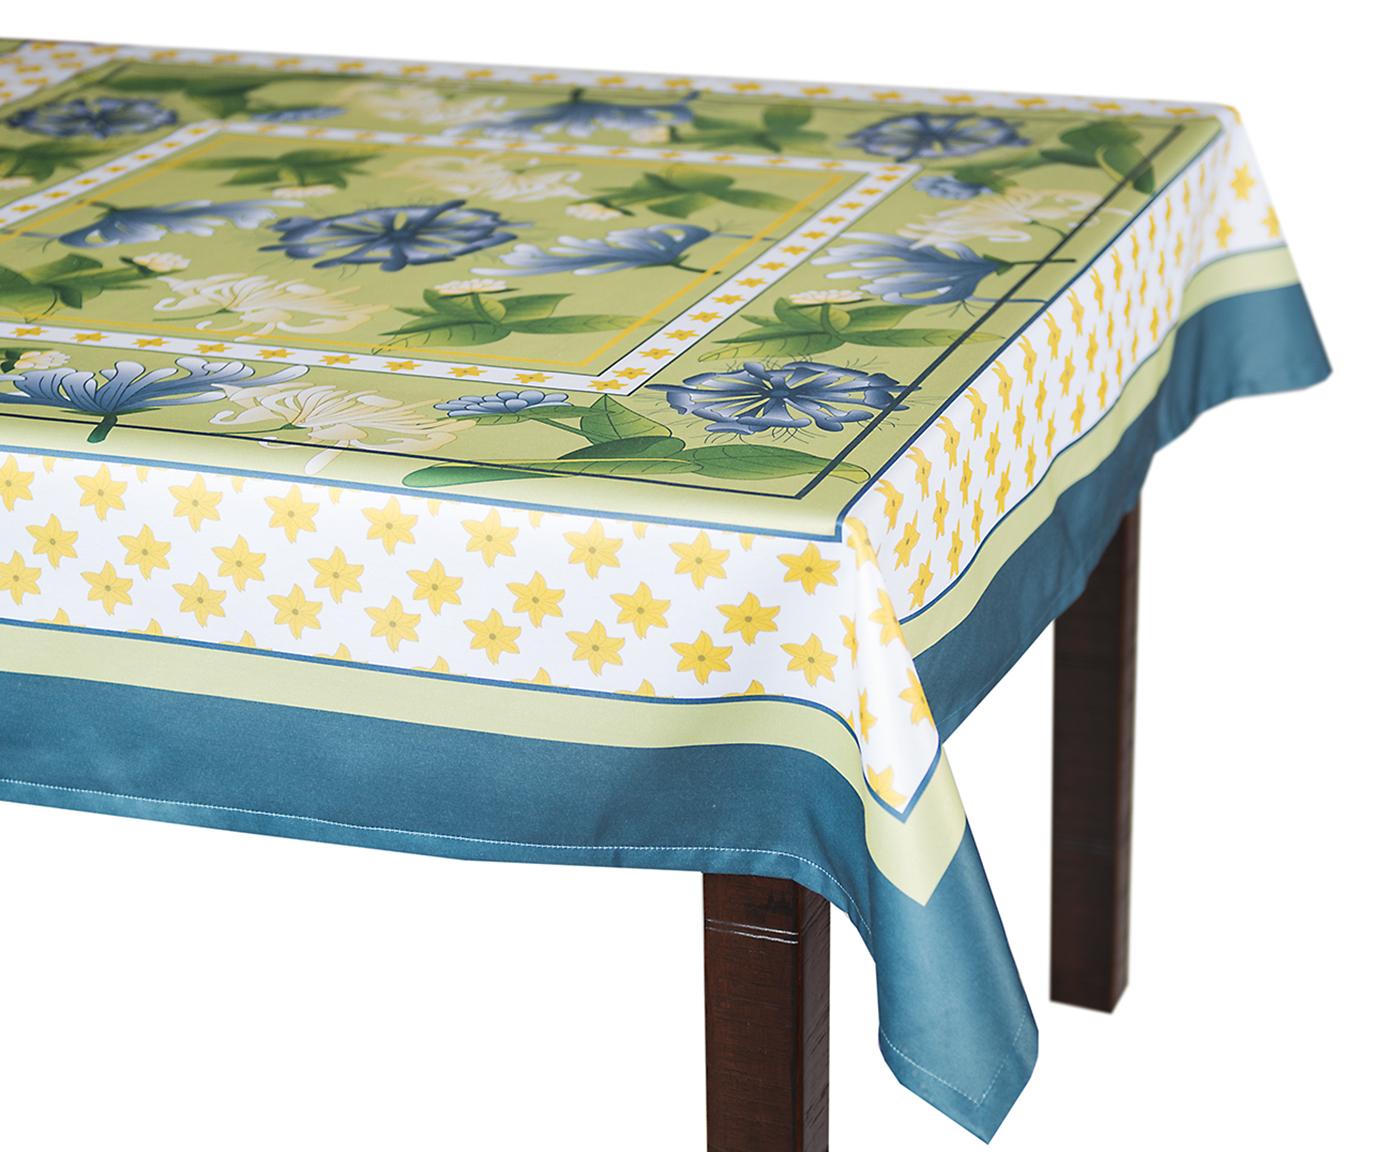 Кухня Скатерть 140x140 Blonder Home Spring зеленая skatert-140x140-blonder-home-spring-zelenaya-ssha-rossiya.jpg